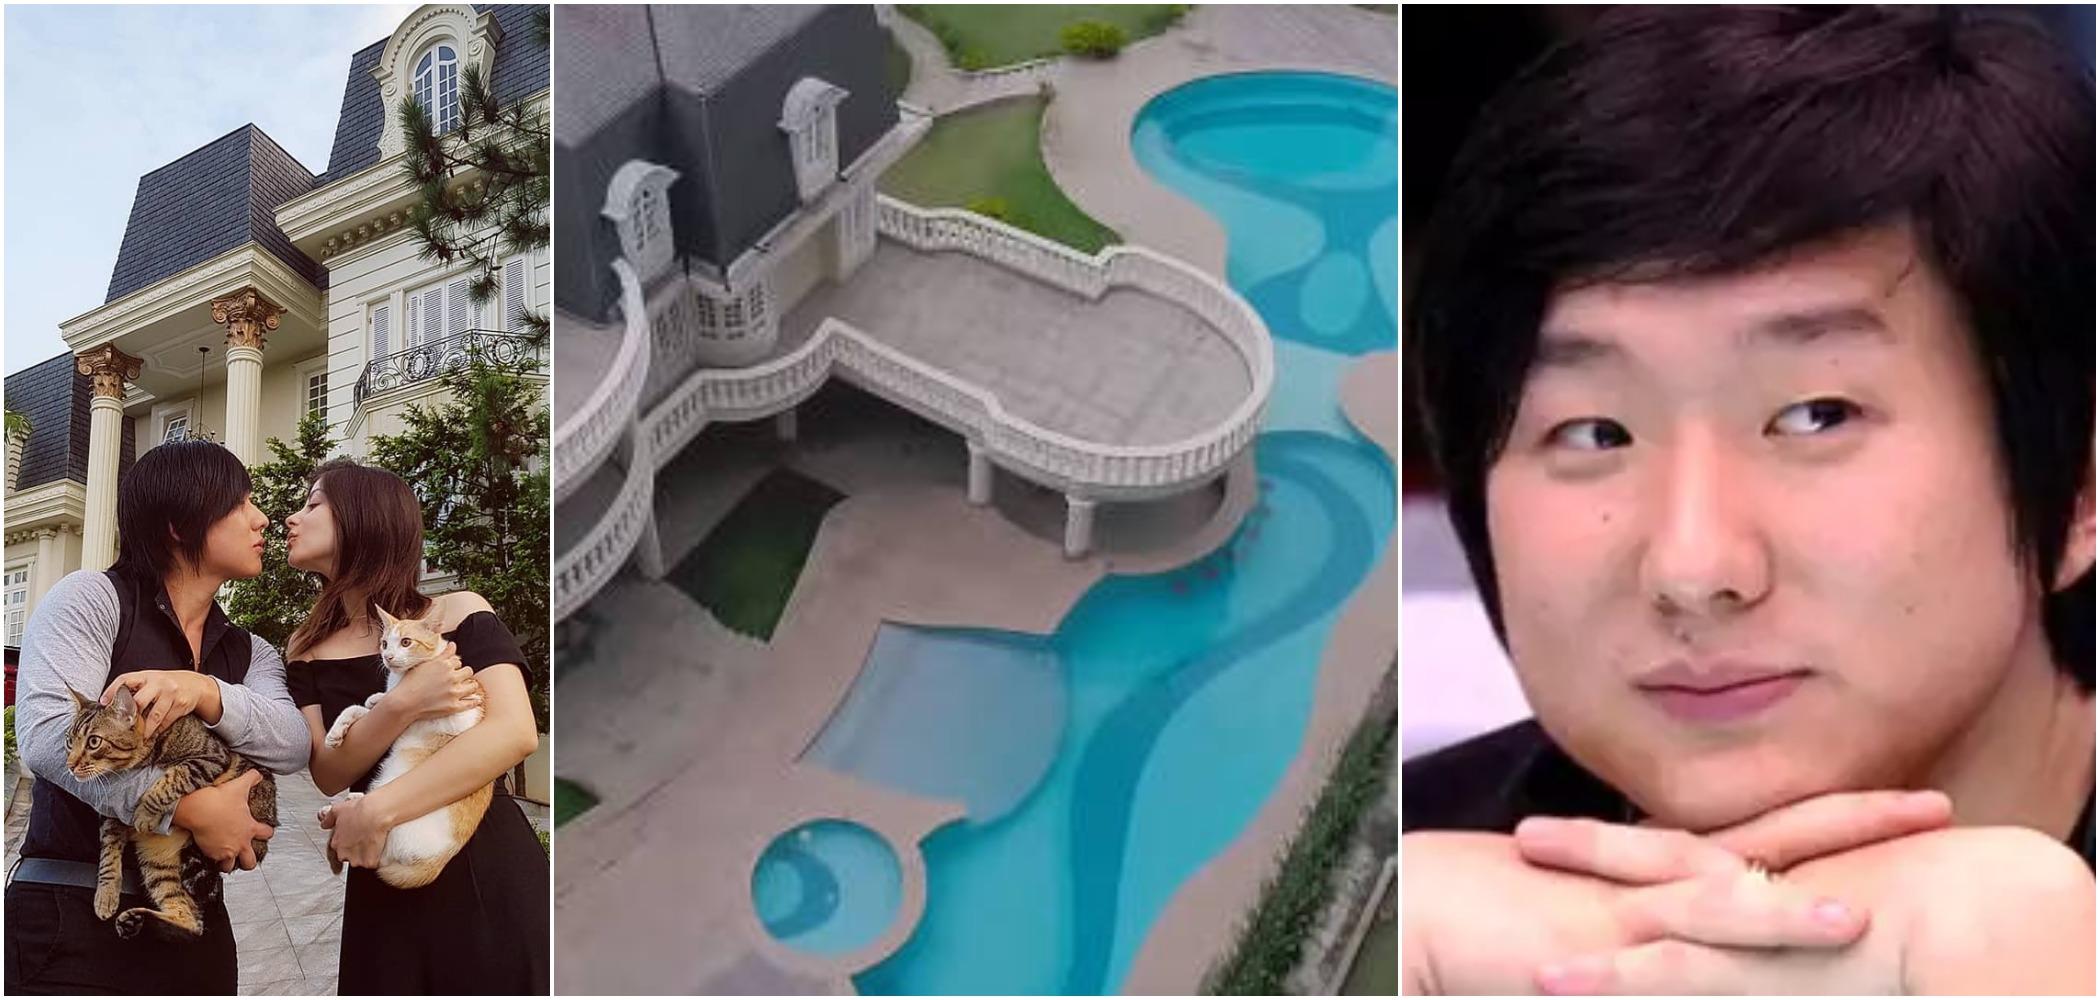 Pyong, do BBB 20, admitiu ser milionário (Reprodução)